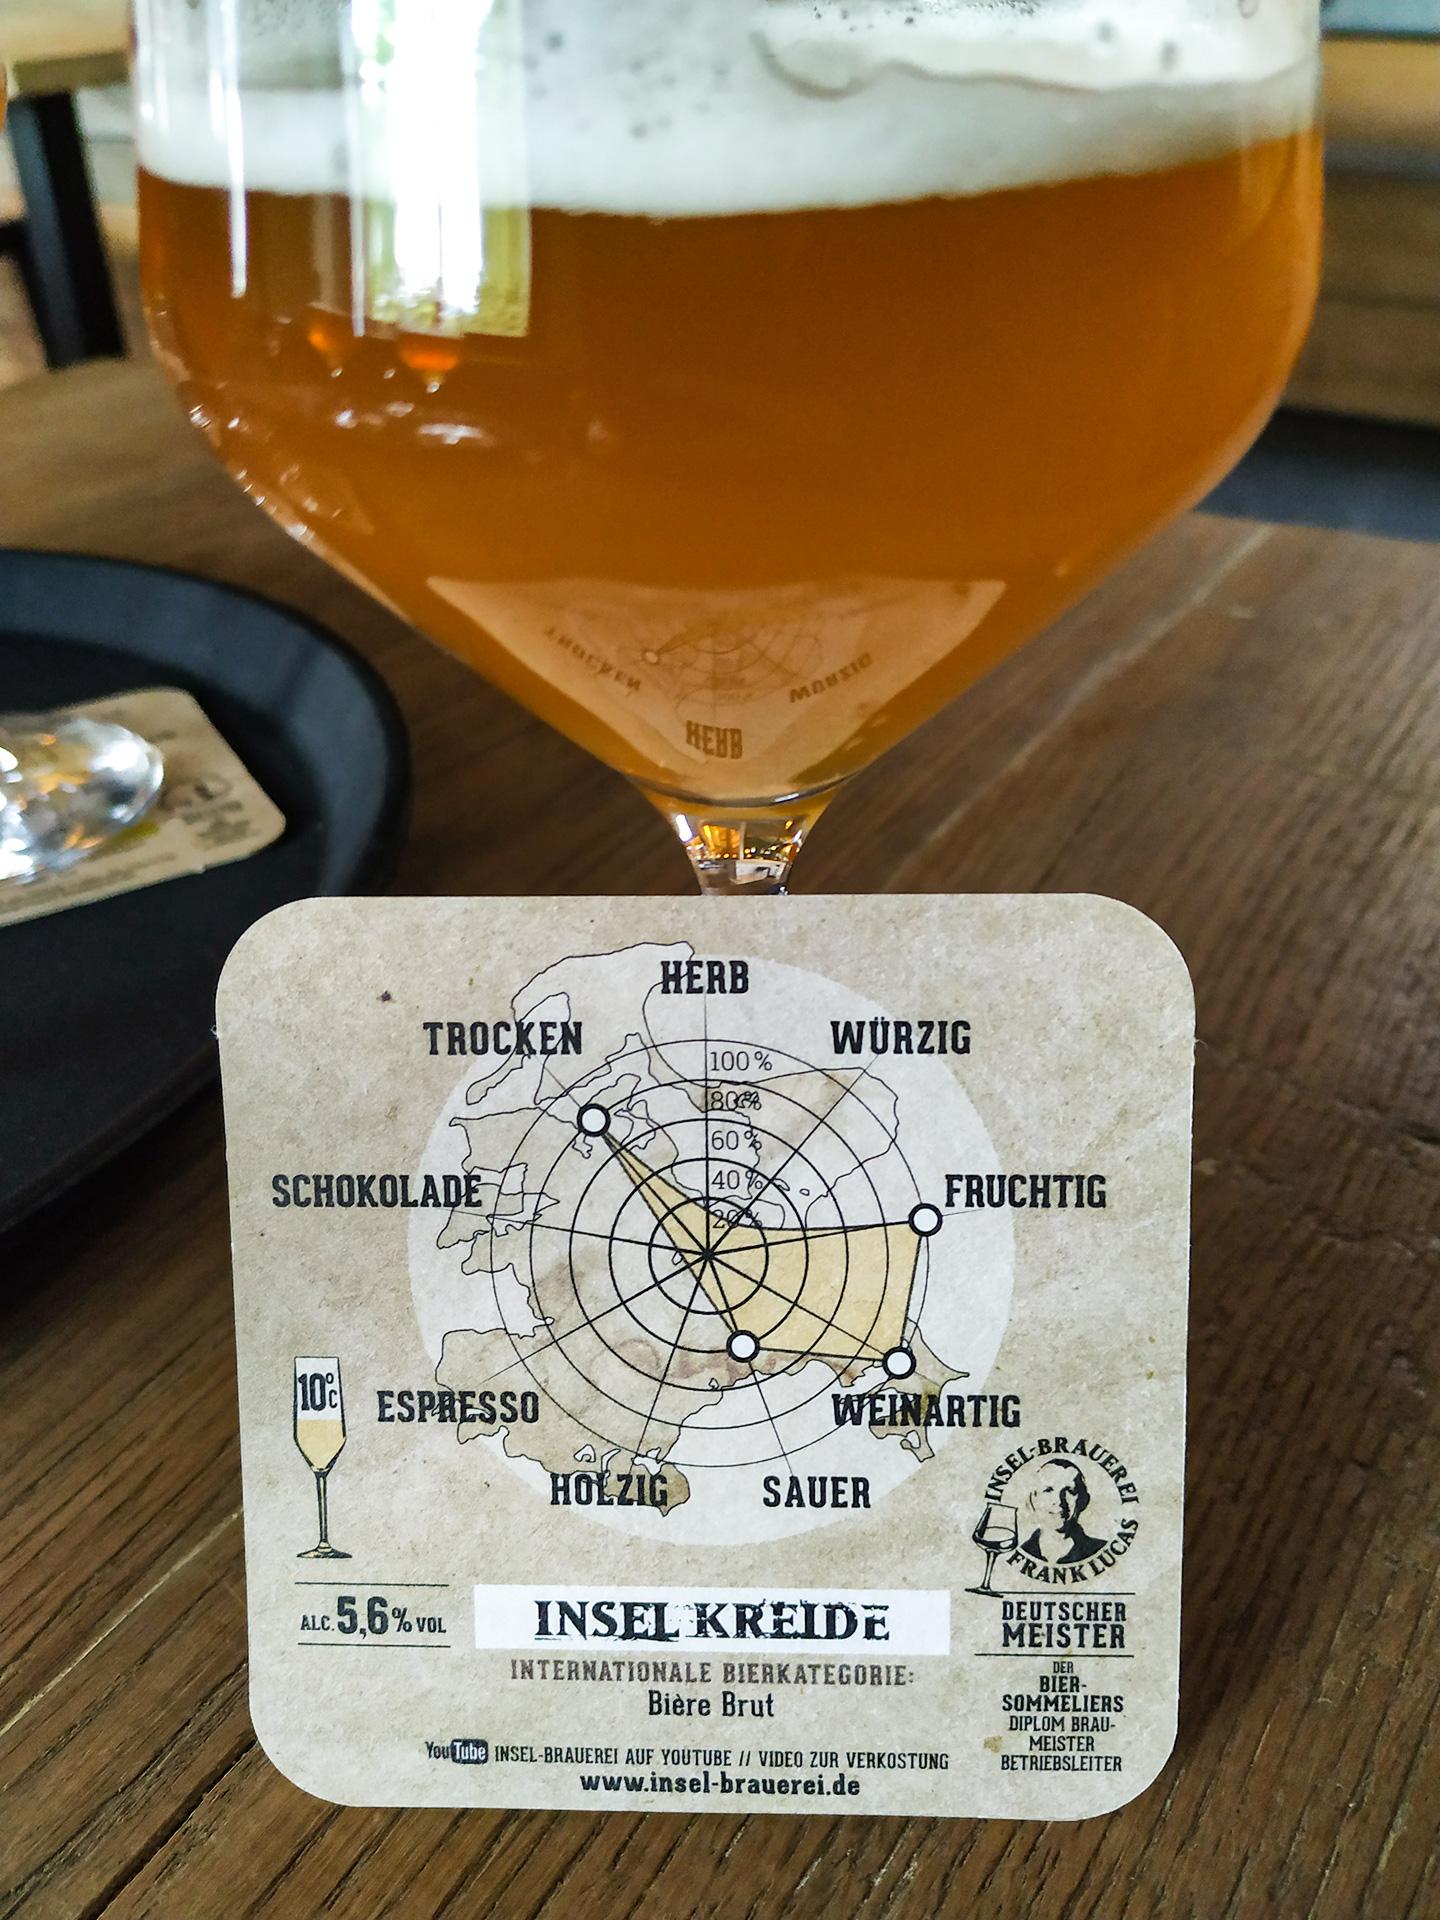 Insel Kreide Biere Brut - wykres smaku